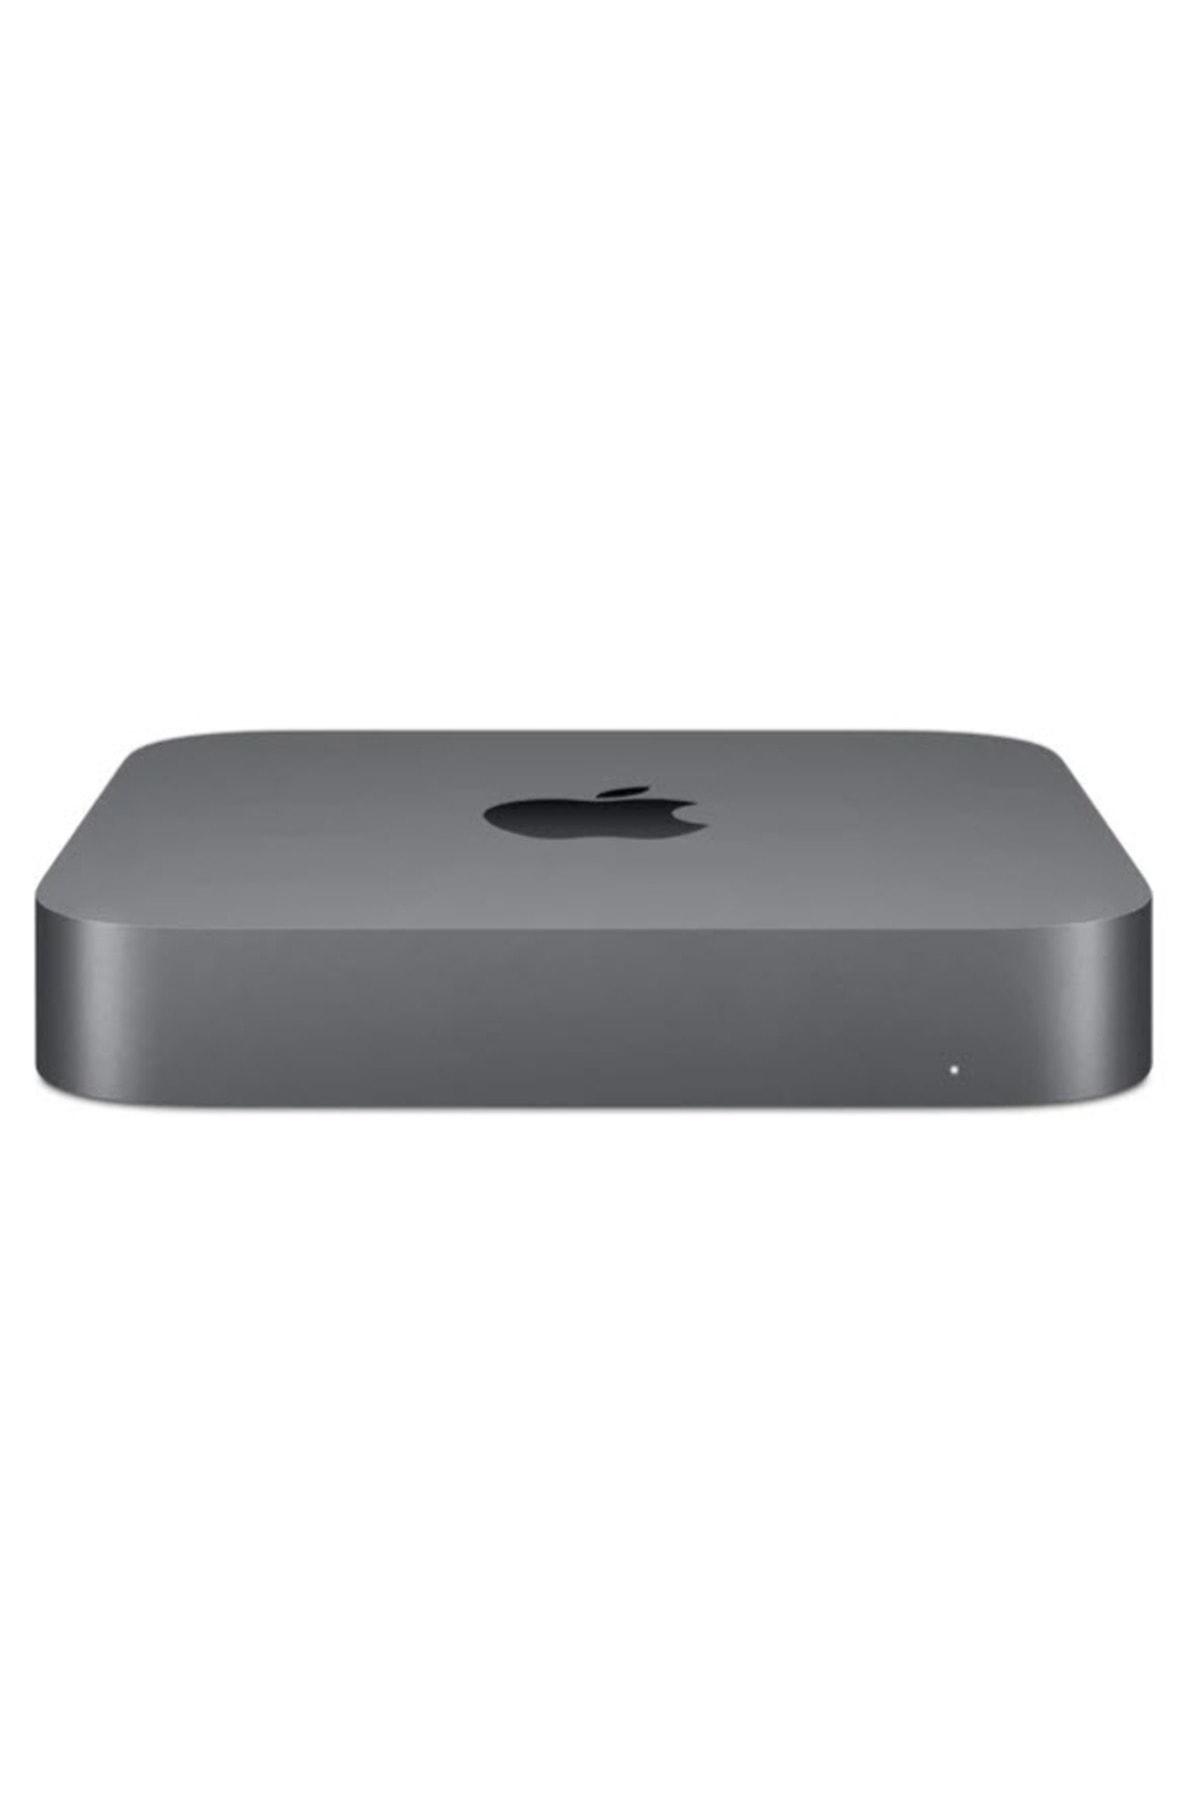 Apple Mac Mini Intel Core i3 8GB 128GB SSD 3.6GHz Mini PC Uzay Grisi MRTR2TU/A 1